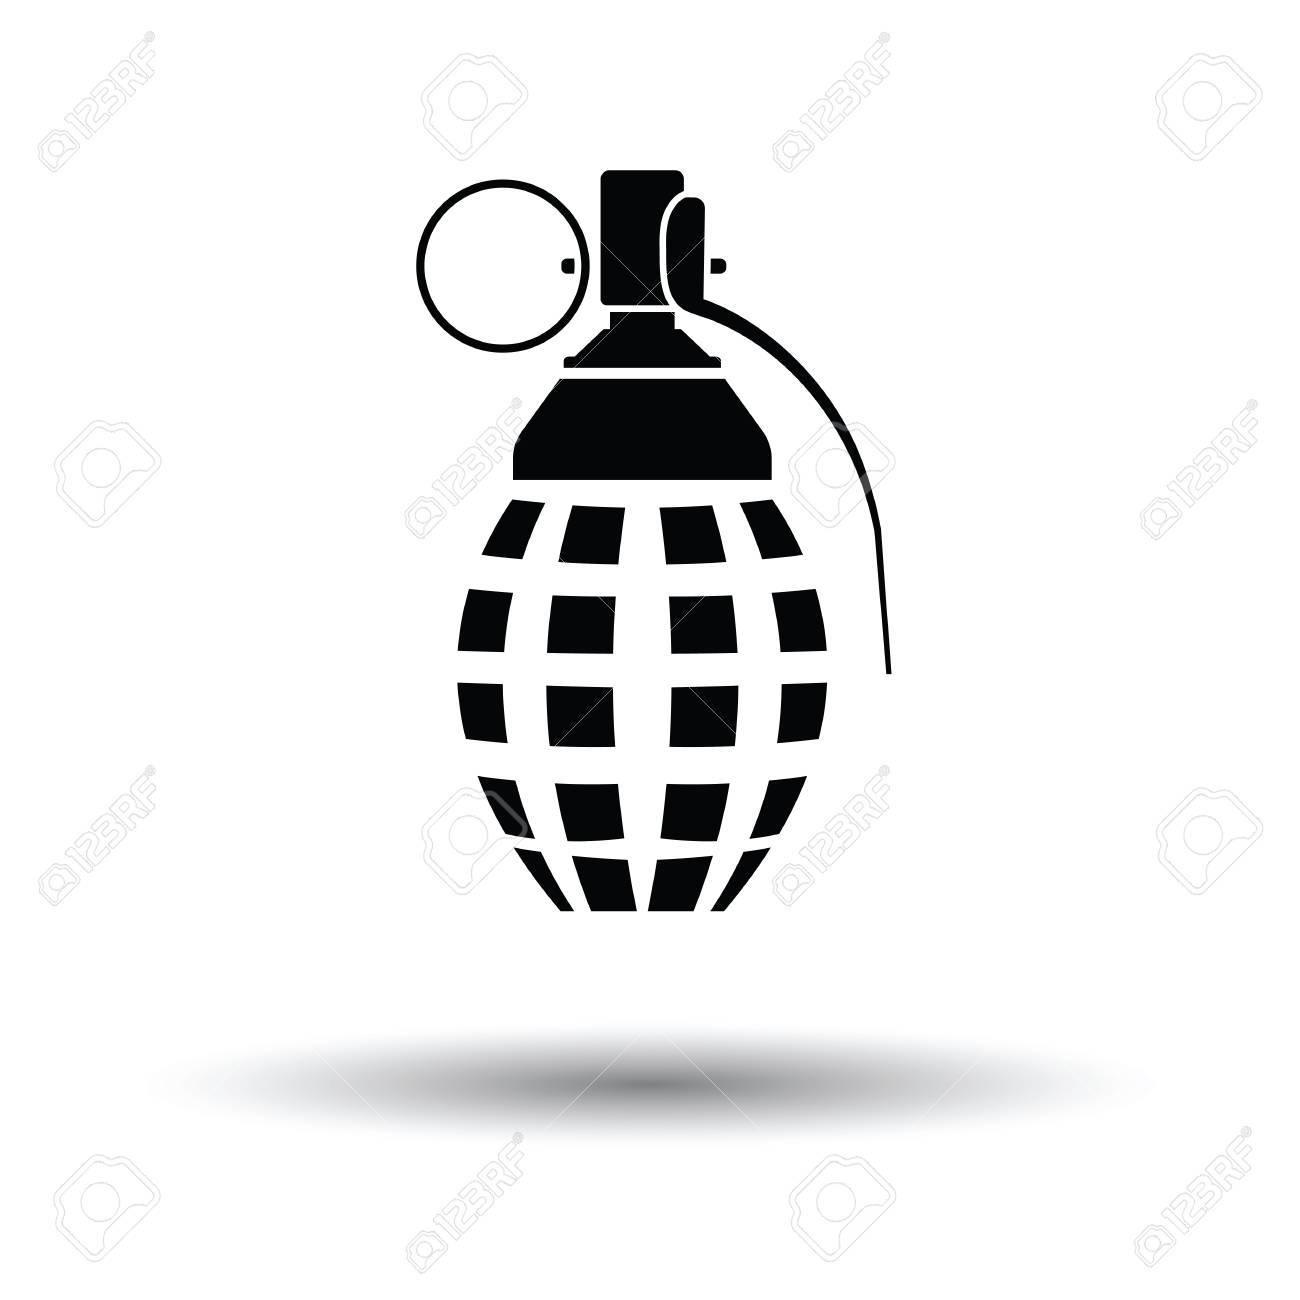 defensive grenade icon white background with shadow design rh 123rf com grenada vector diseases grenade vector png